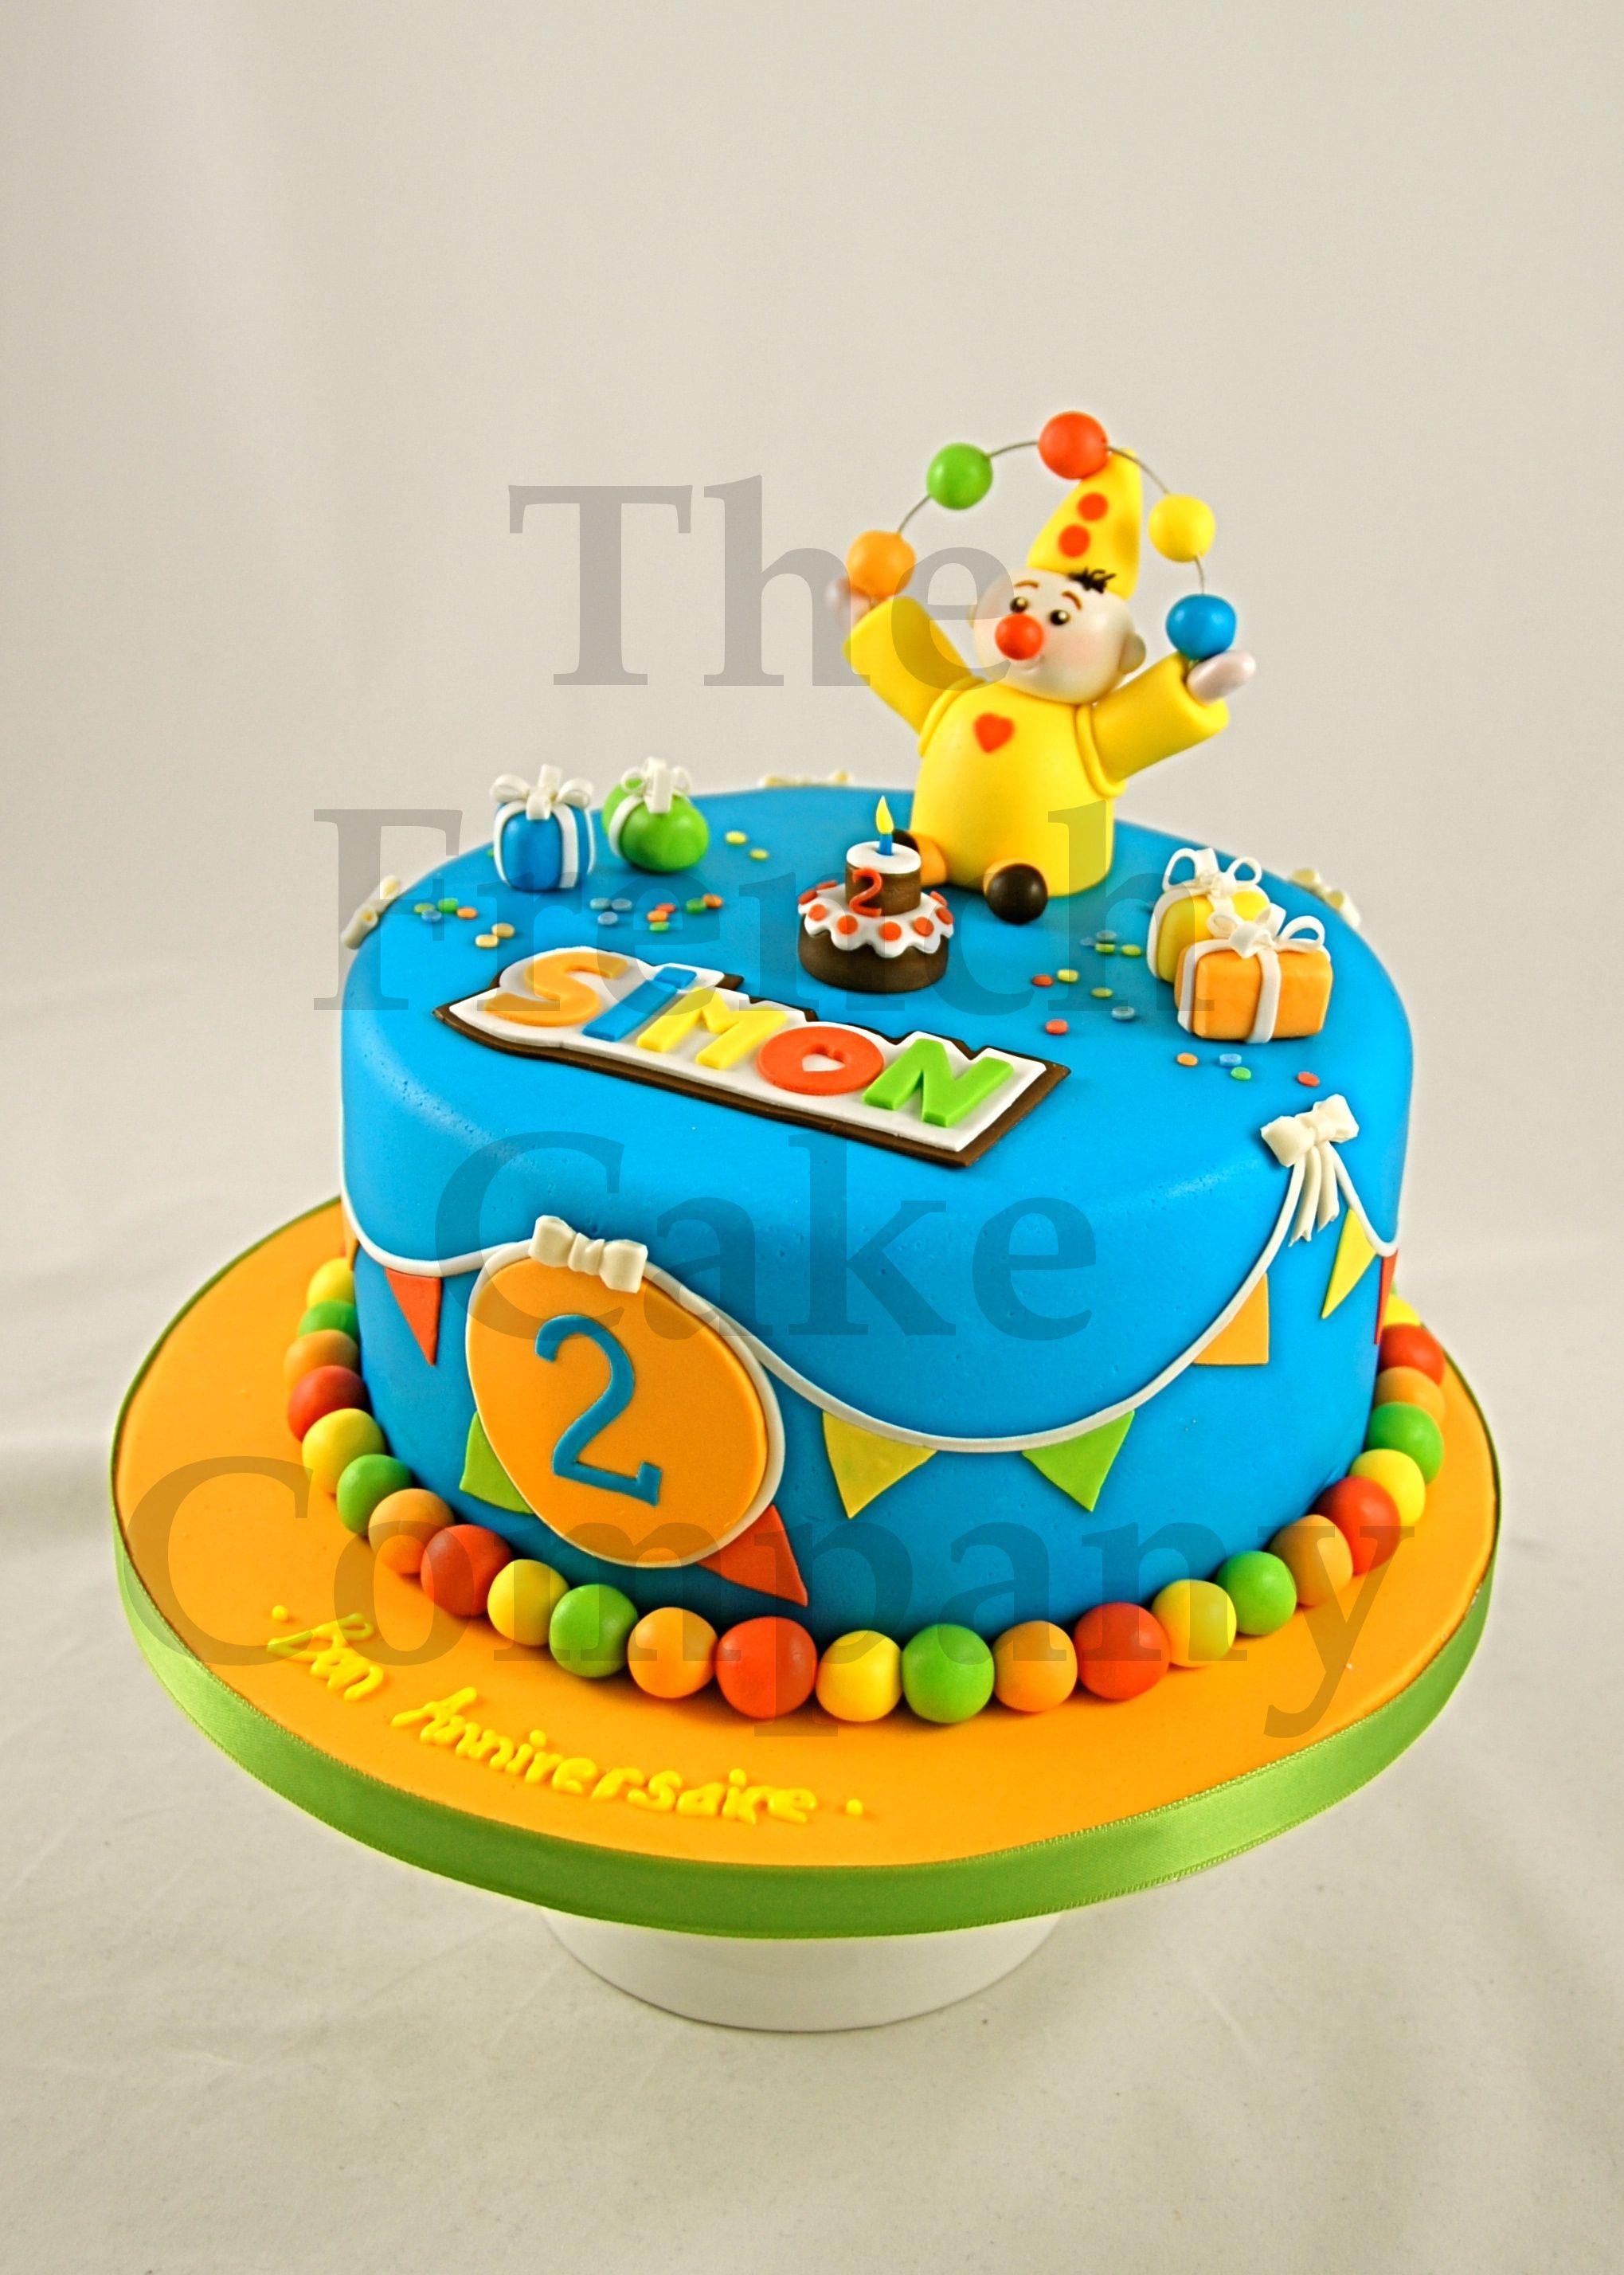 Childrens Birthday Cake Clown Gateau Danniversaire Pour Enfants